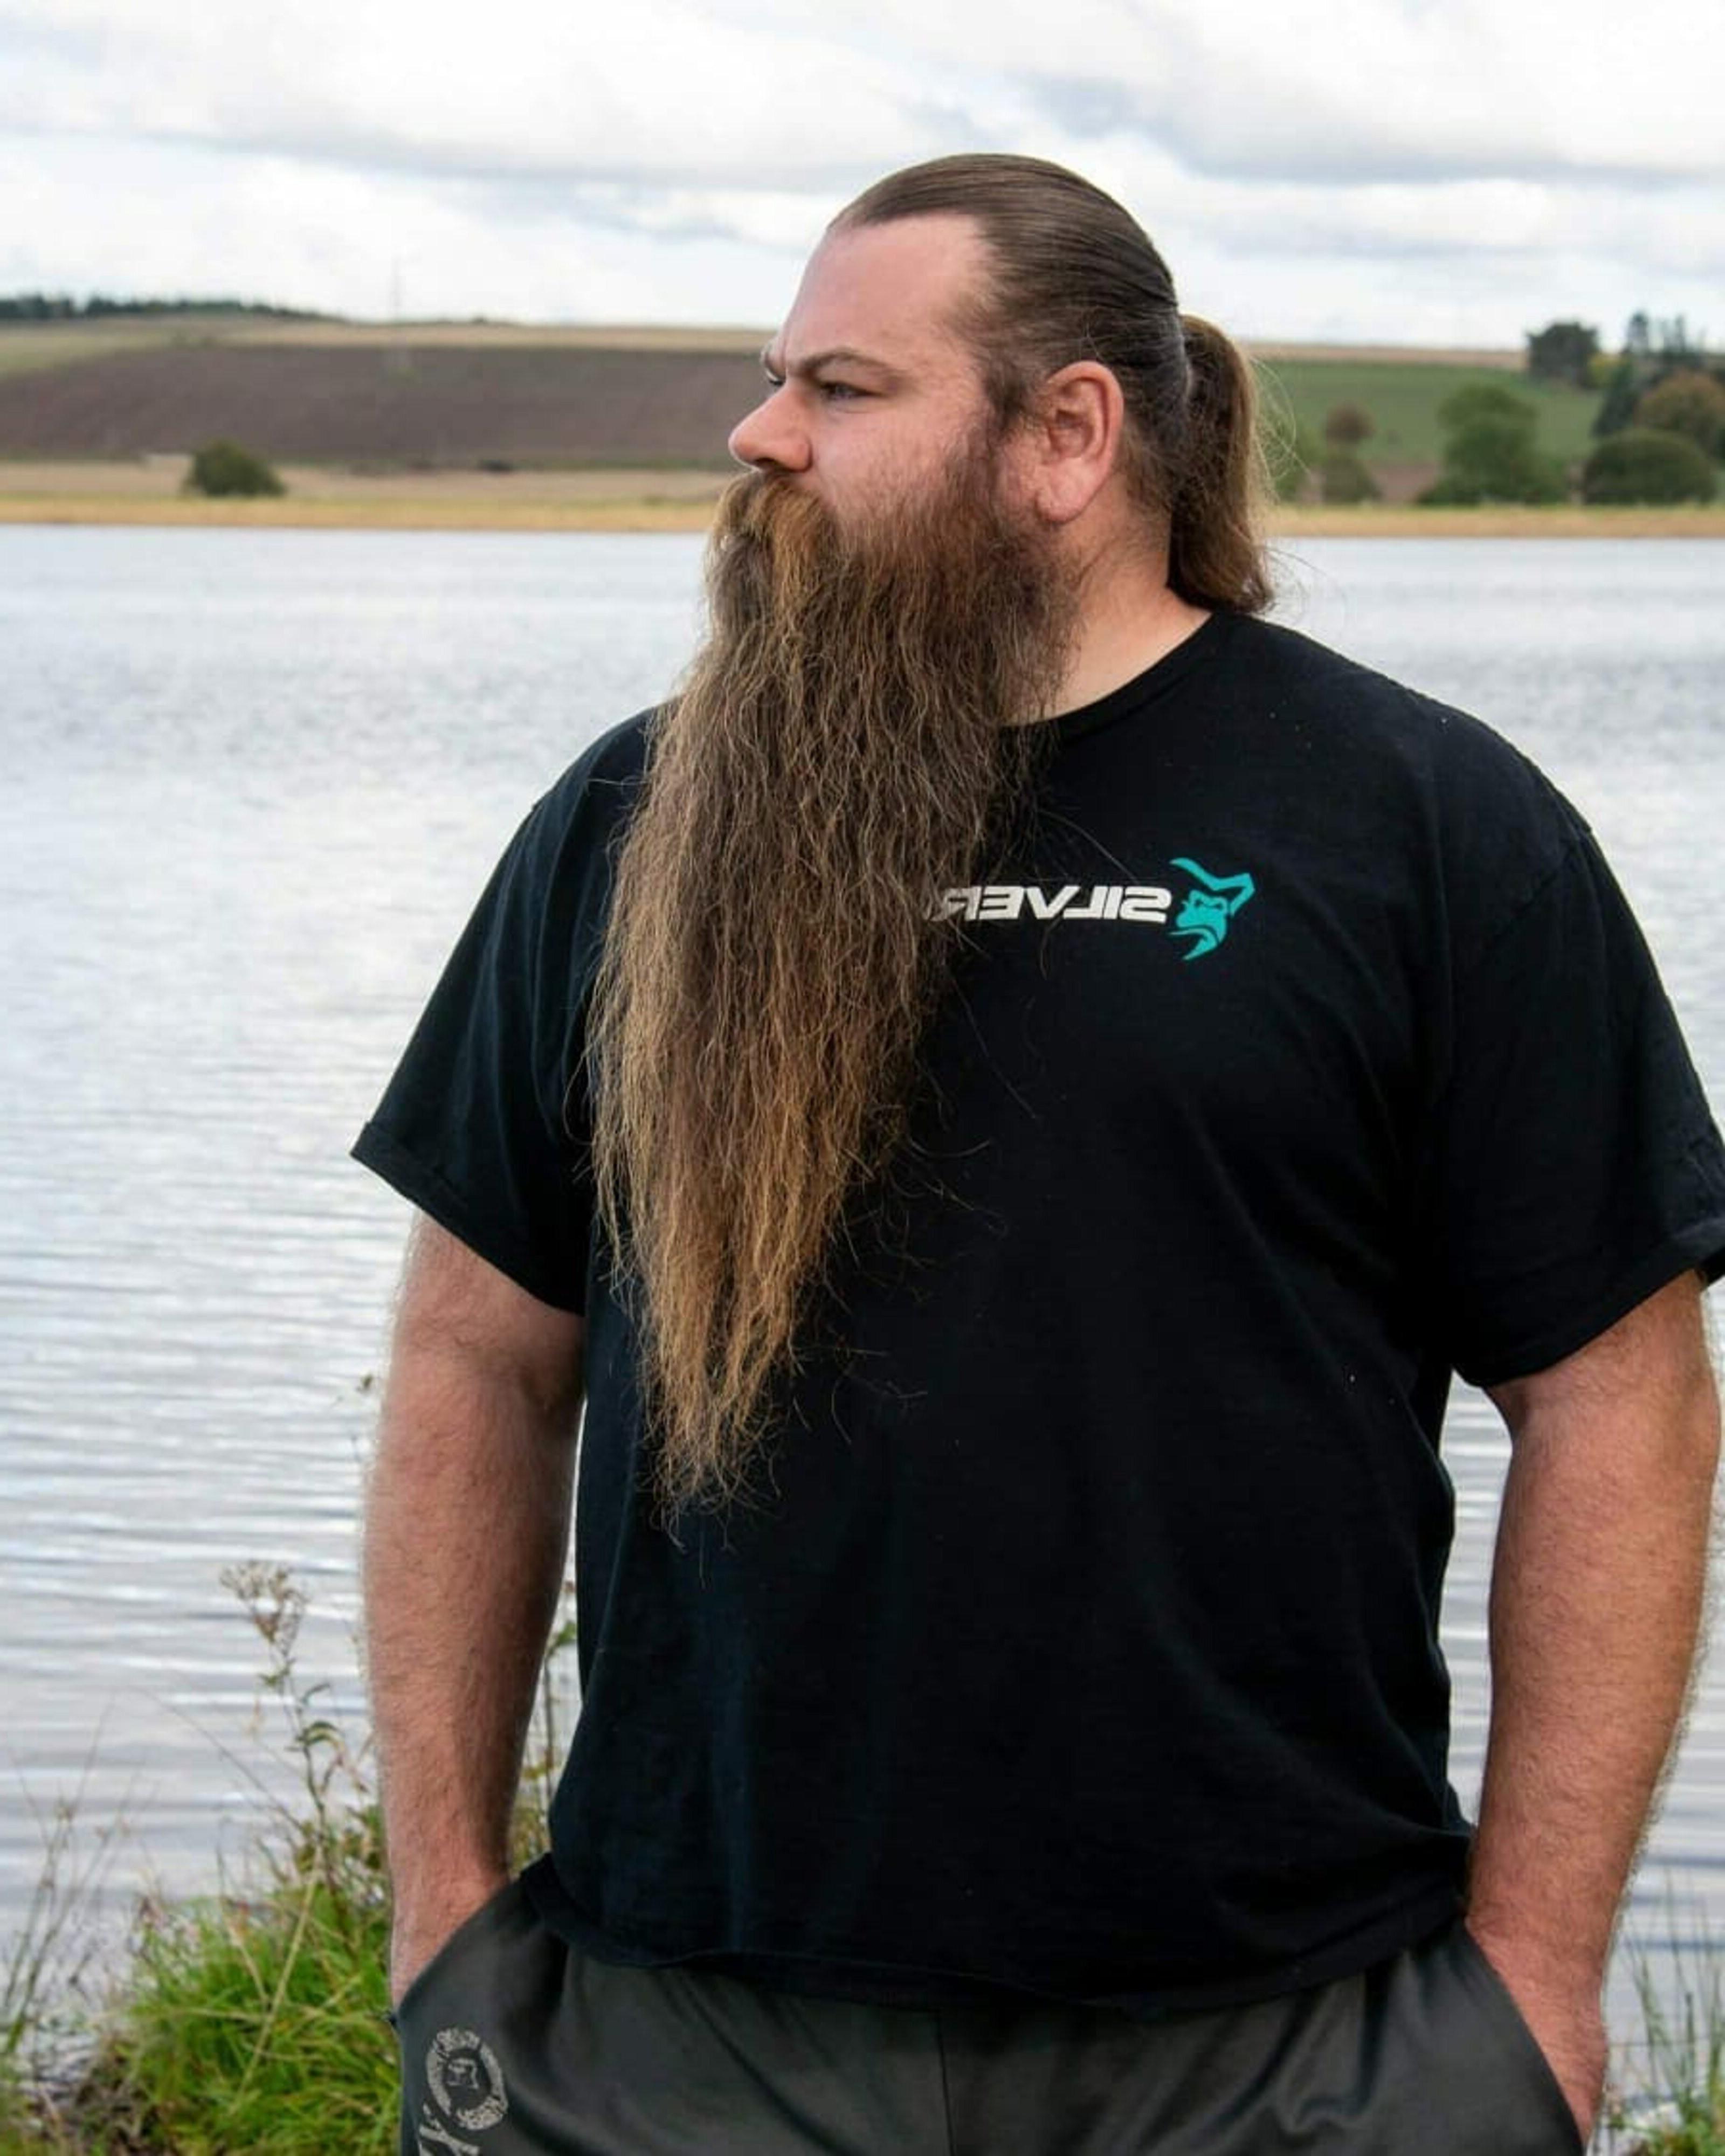 A long beard in the biker style.